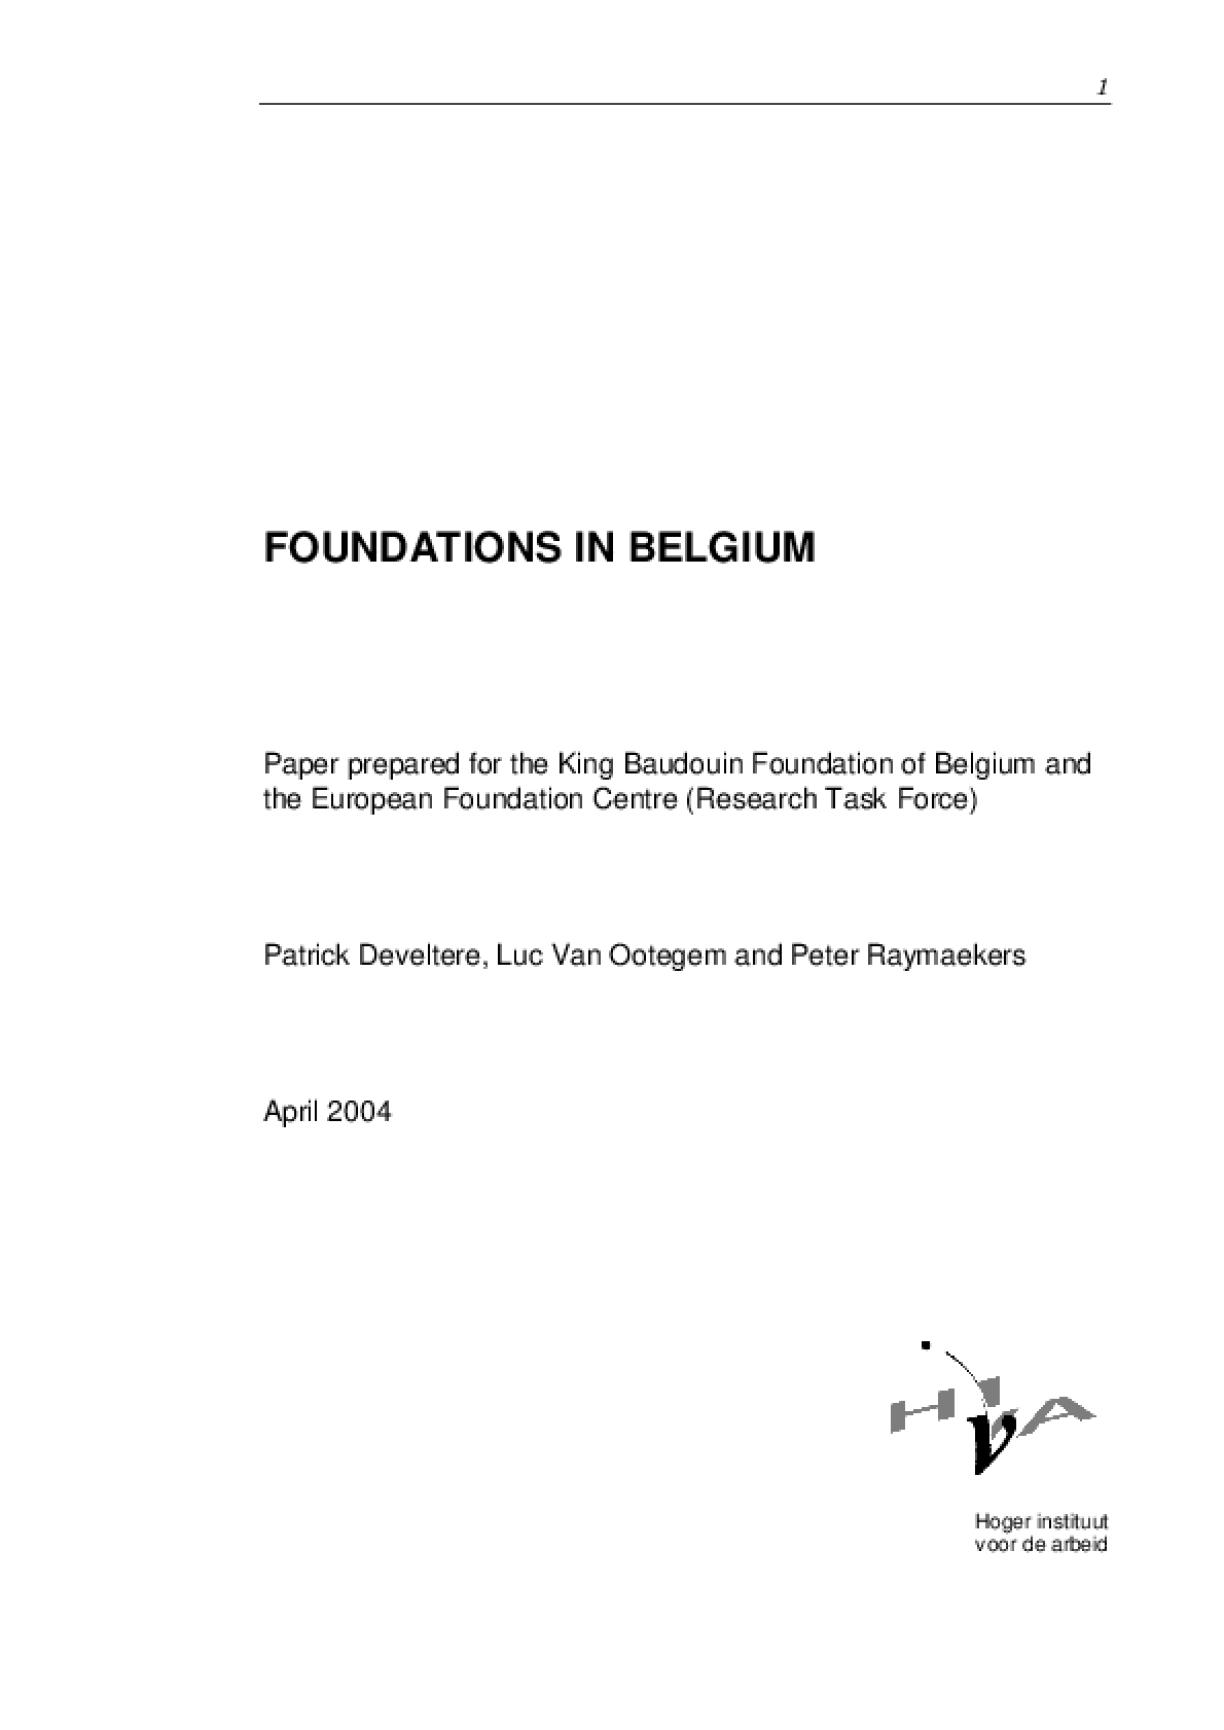 Foundations in Belgium